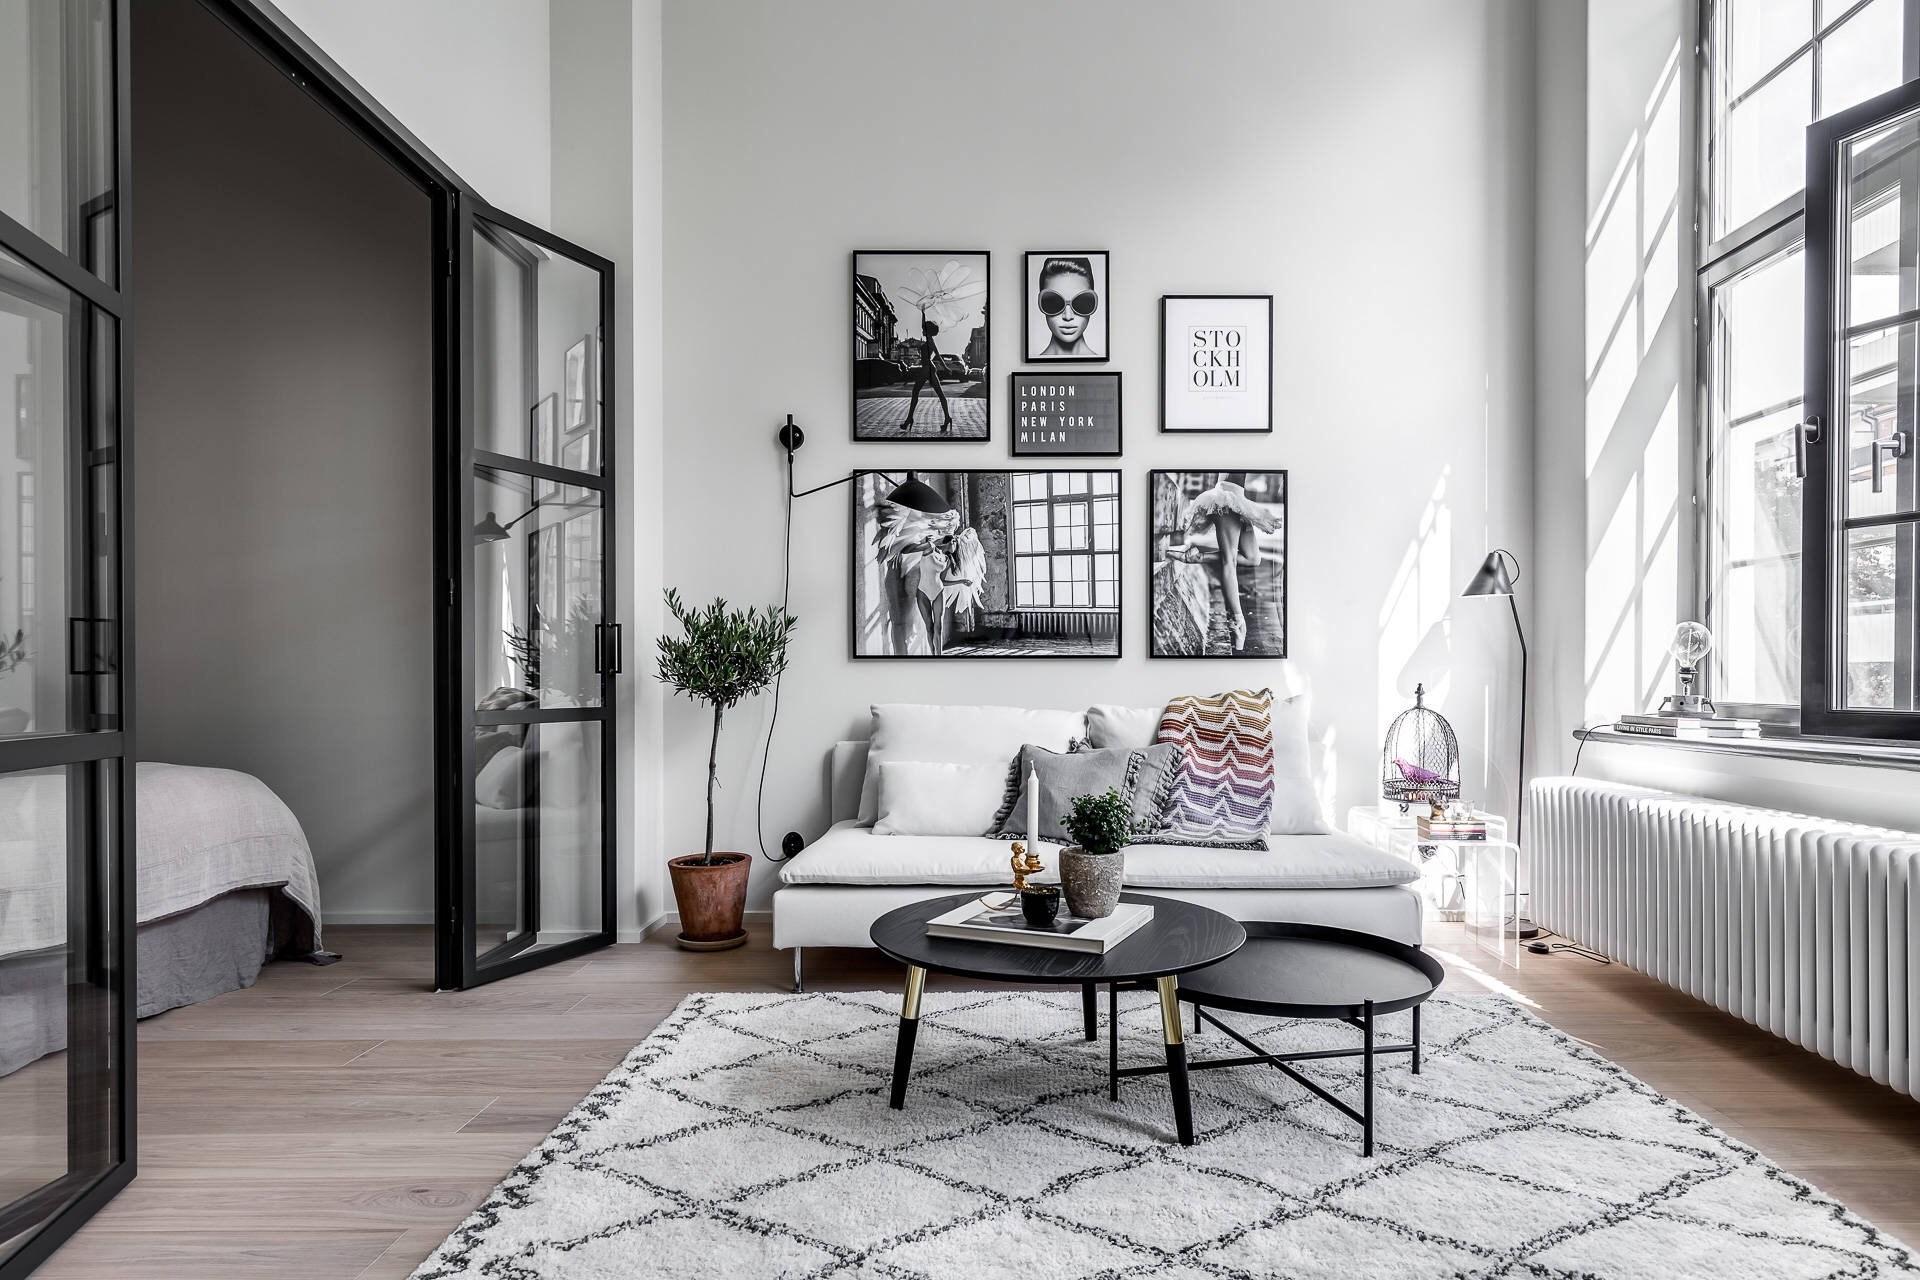 img 2968 - Идеи для оформления квартиры